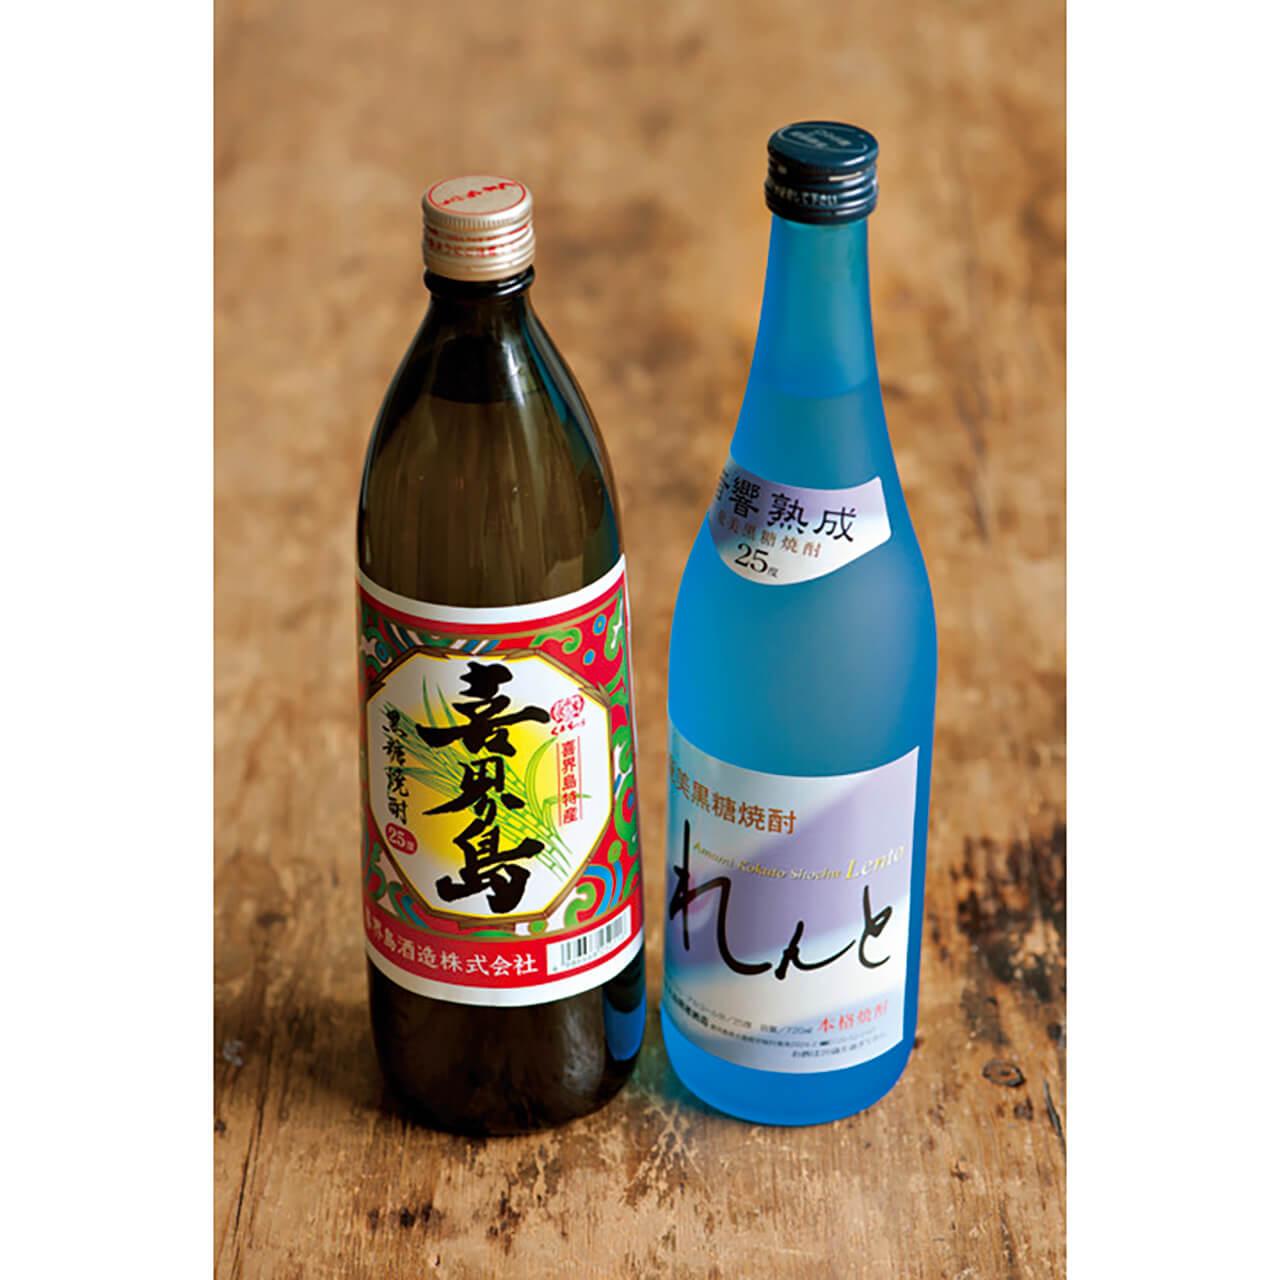 藤井恵さんの梅酒「うちの砂糖」